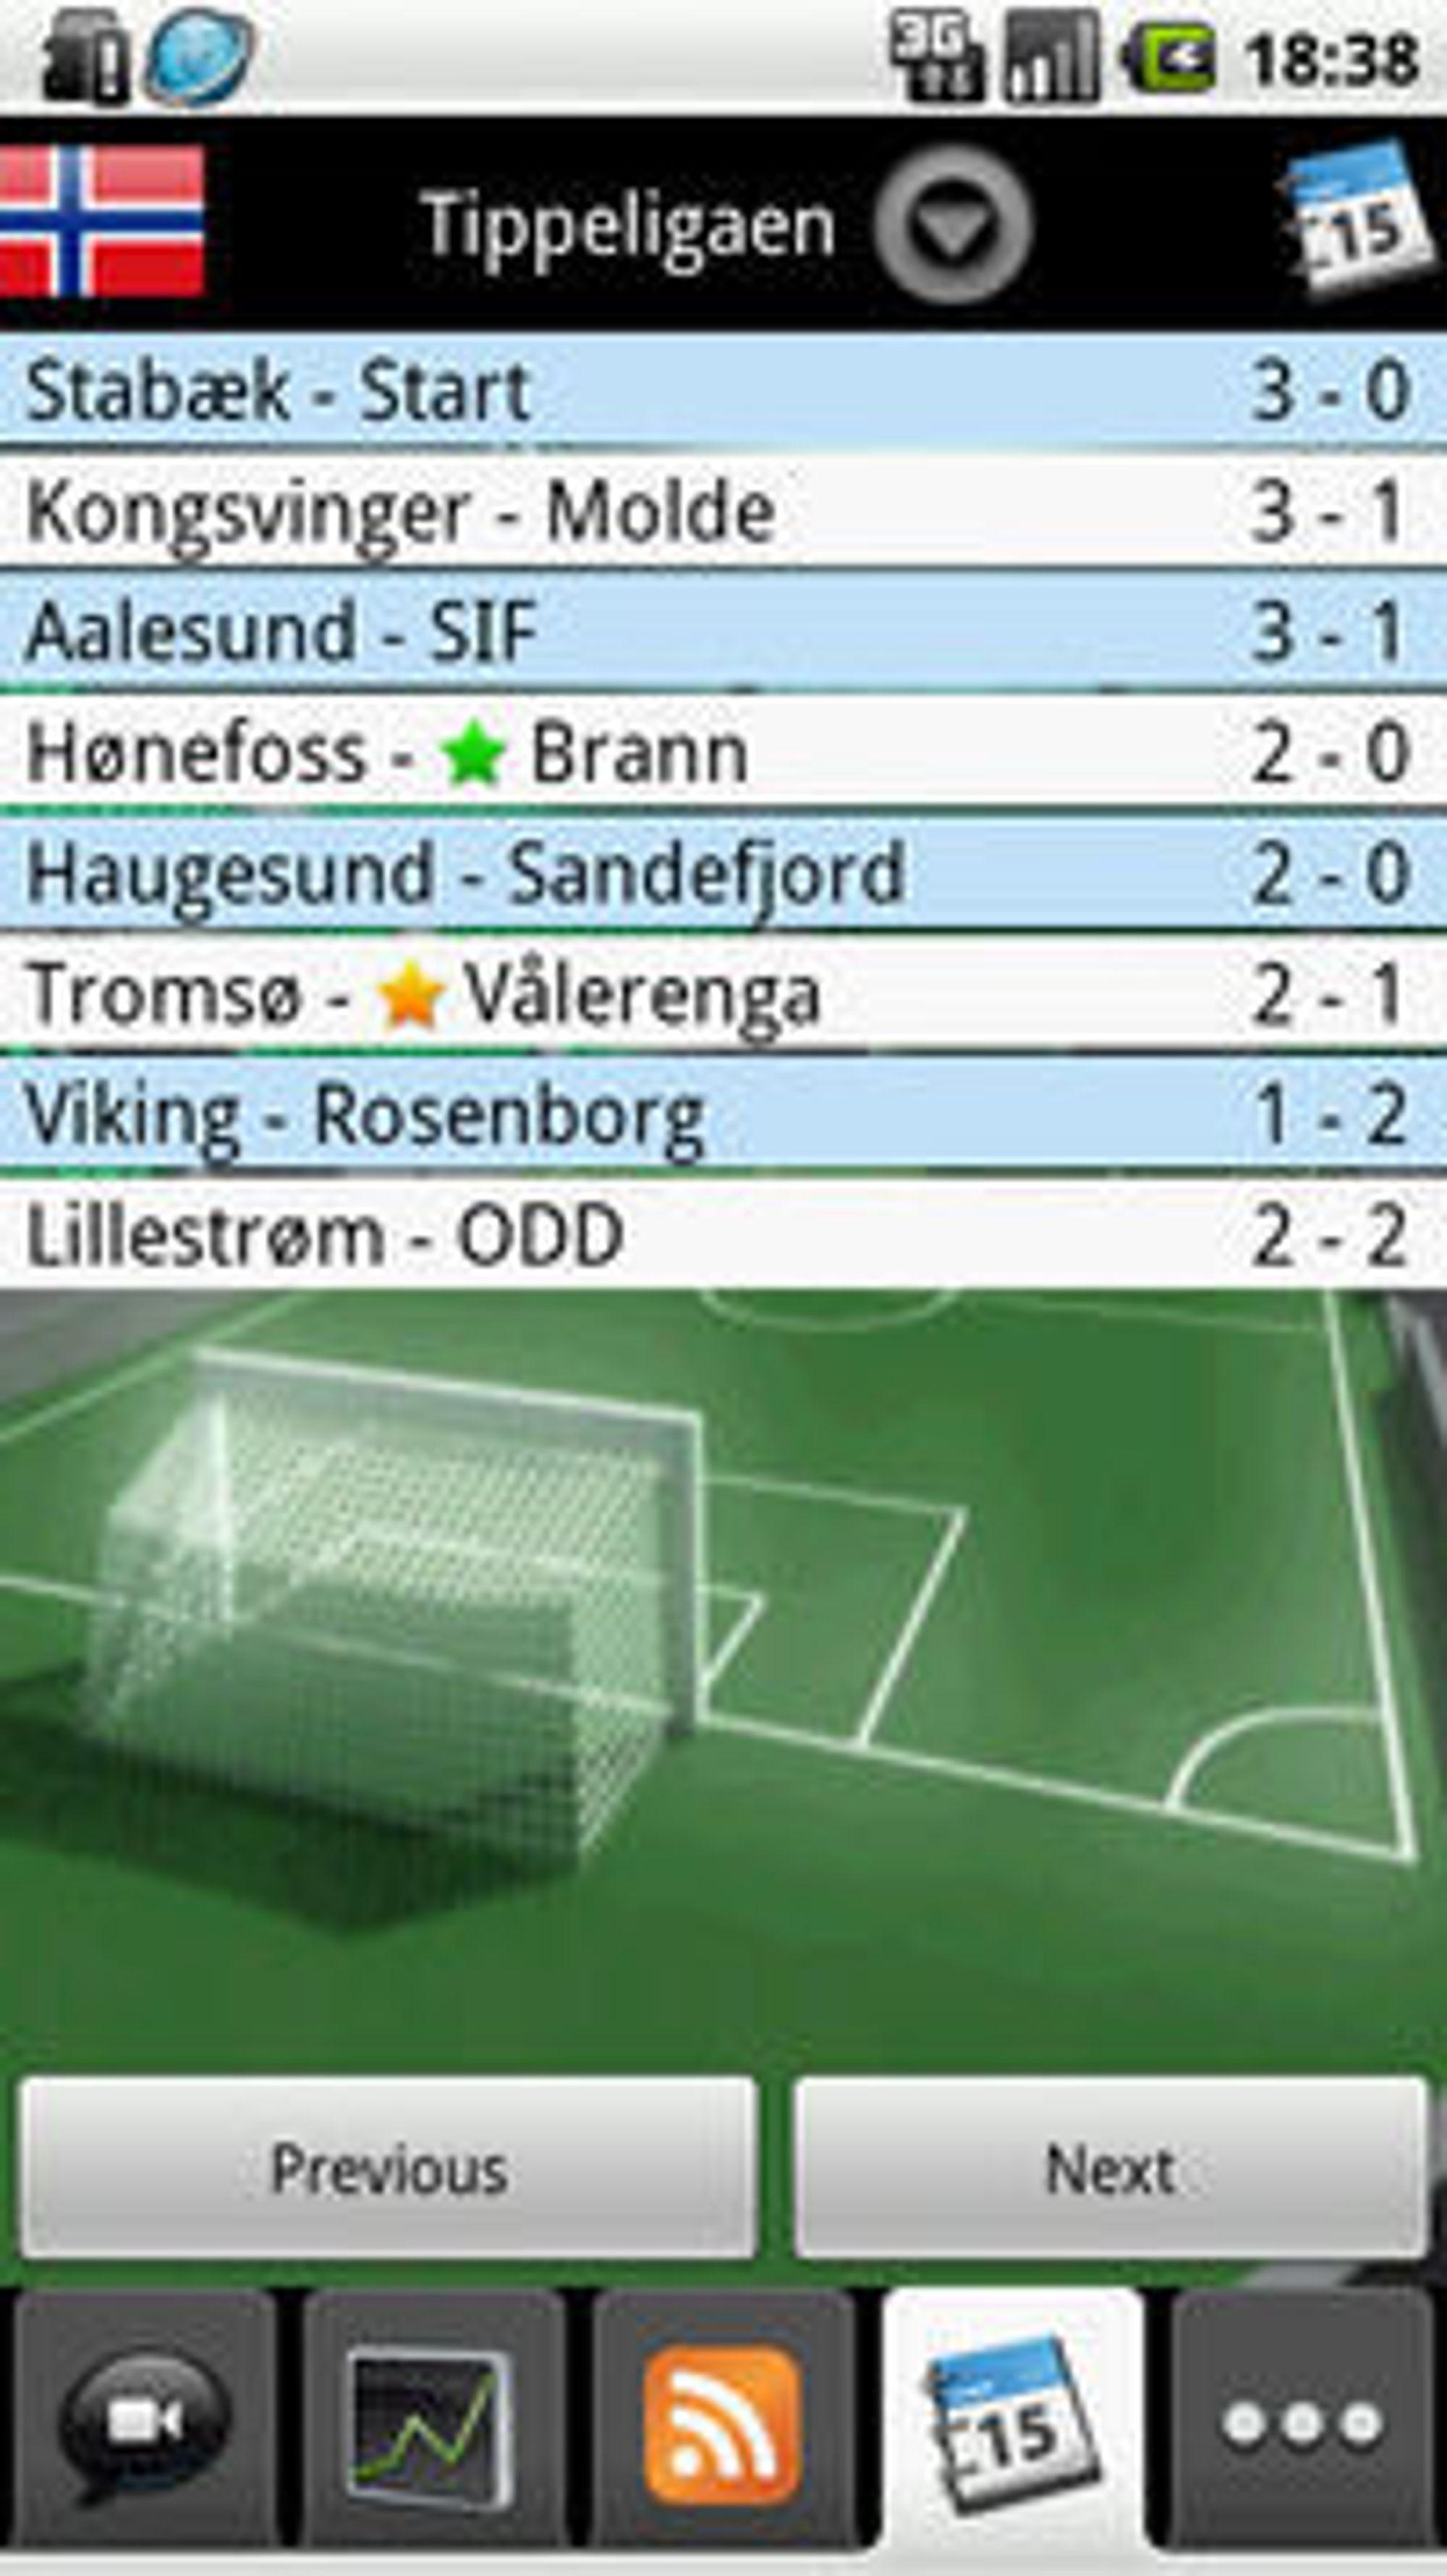 Score Service gjør suksess med mobilappen FotMob til Android. Programmet byr på fotballresultater fra en lang rekke ligaer.